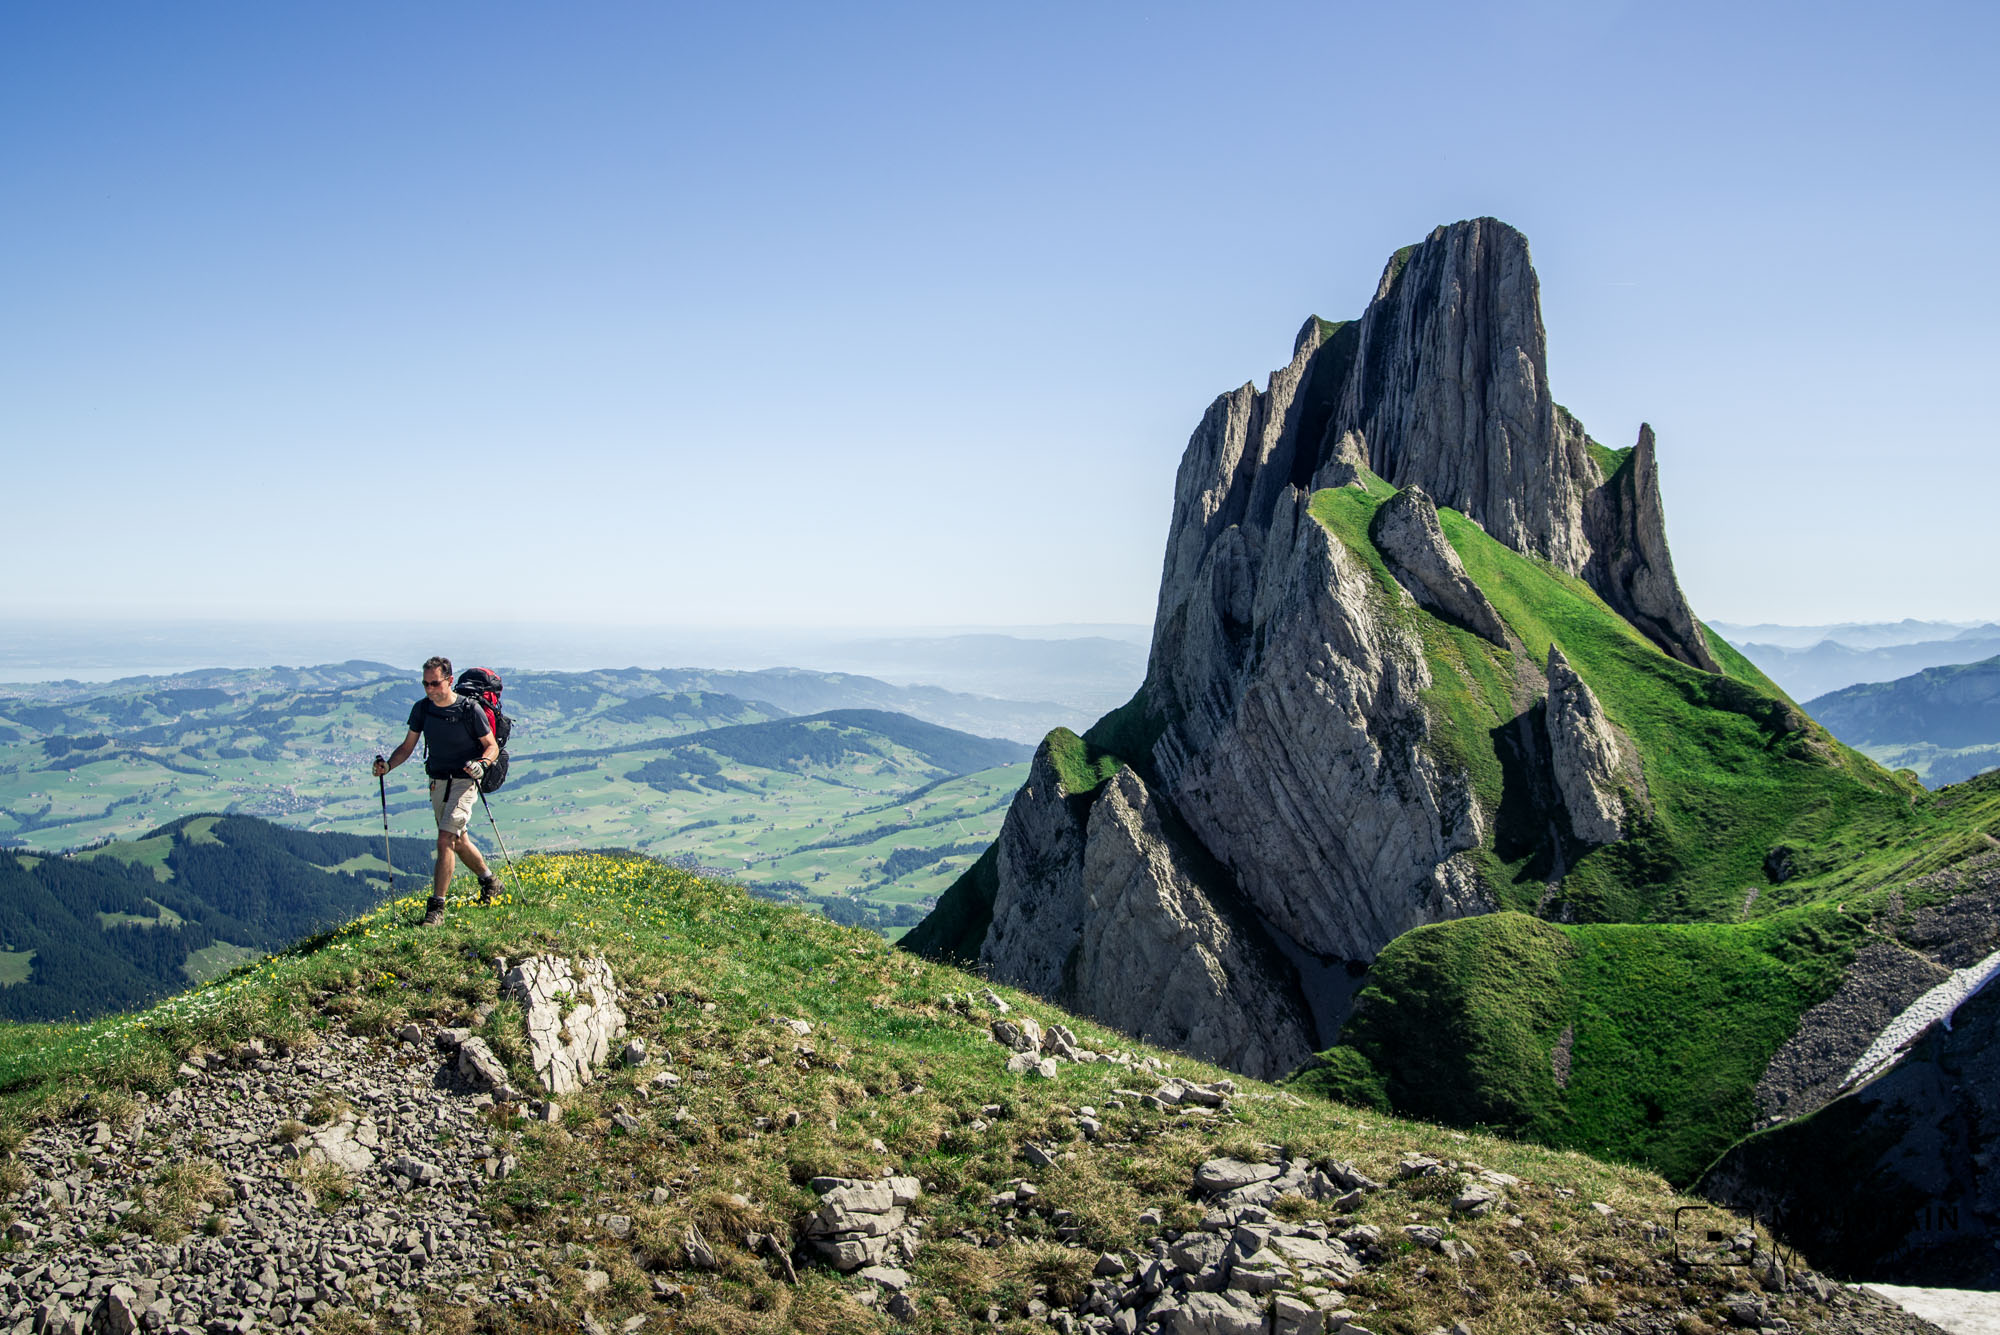 alpstein, wandern alpstein, wanderung alpstein, wandern schweiz, fotospot schweiz, fotografieren wandern schweiz, fotokurs schweiz altenalptürm